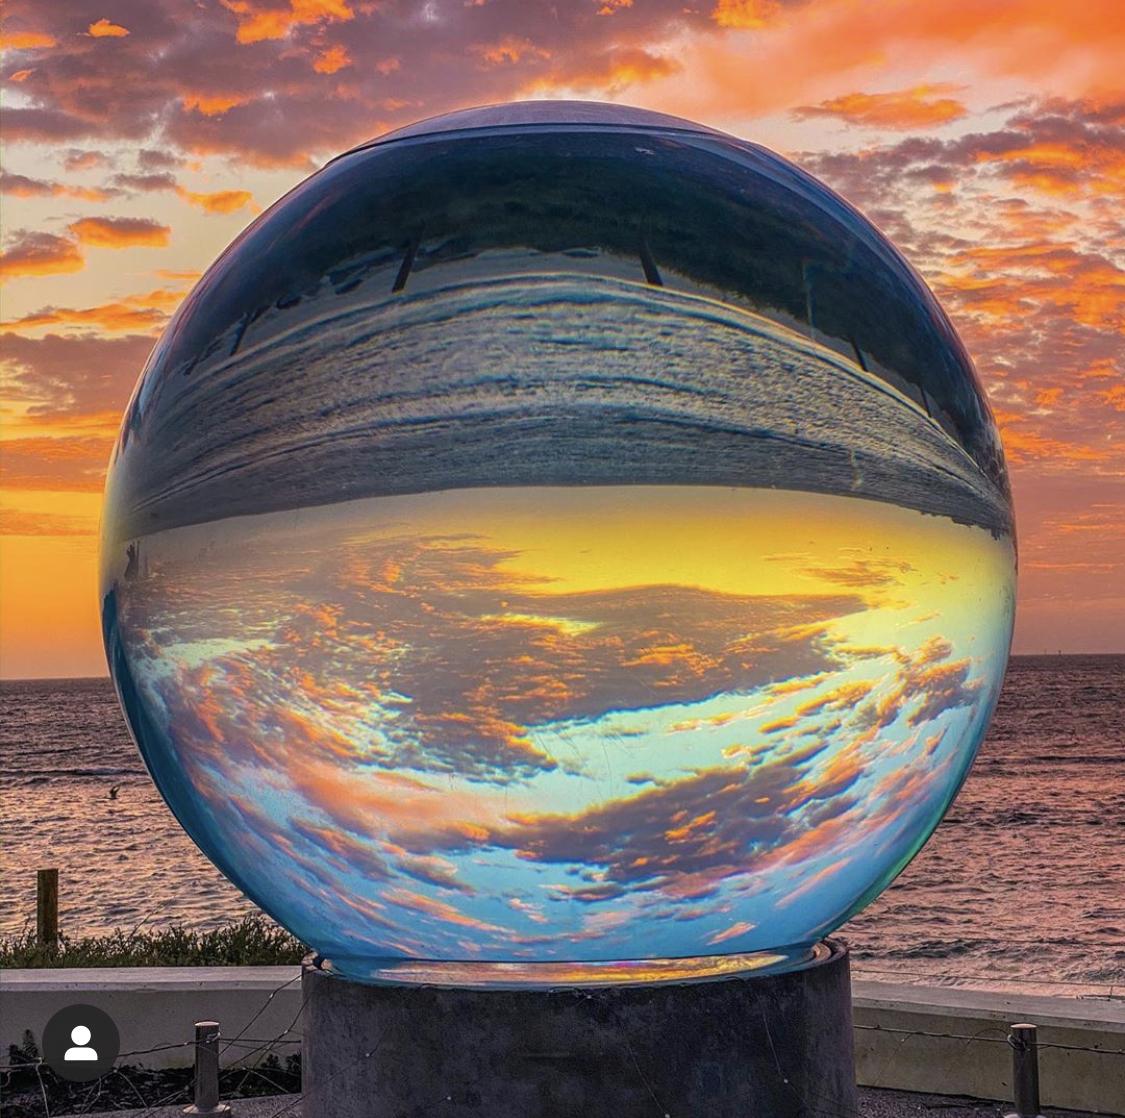 Take a View Through the Horizon Sphere